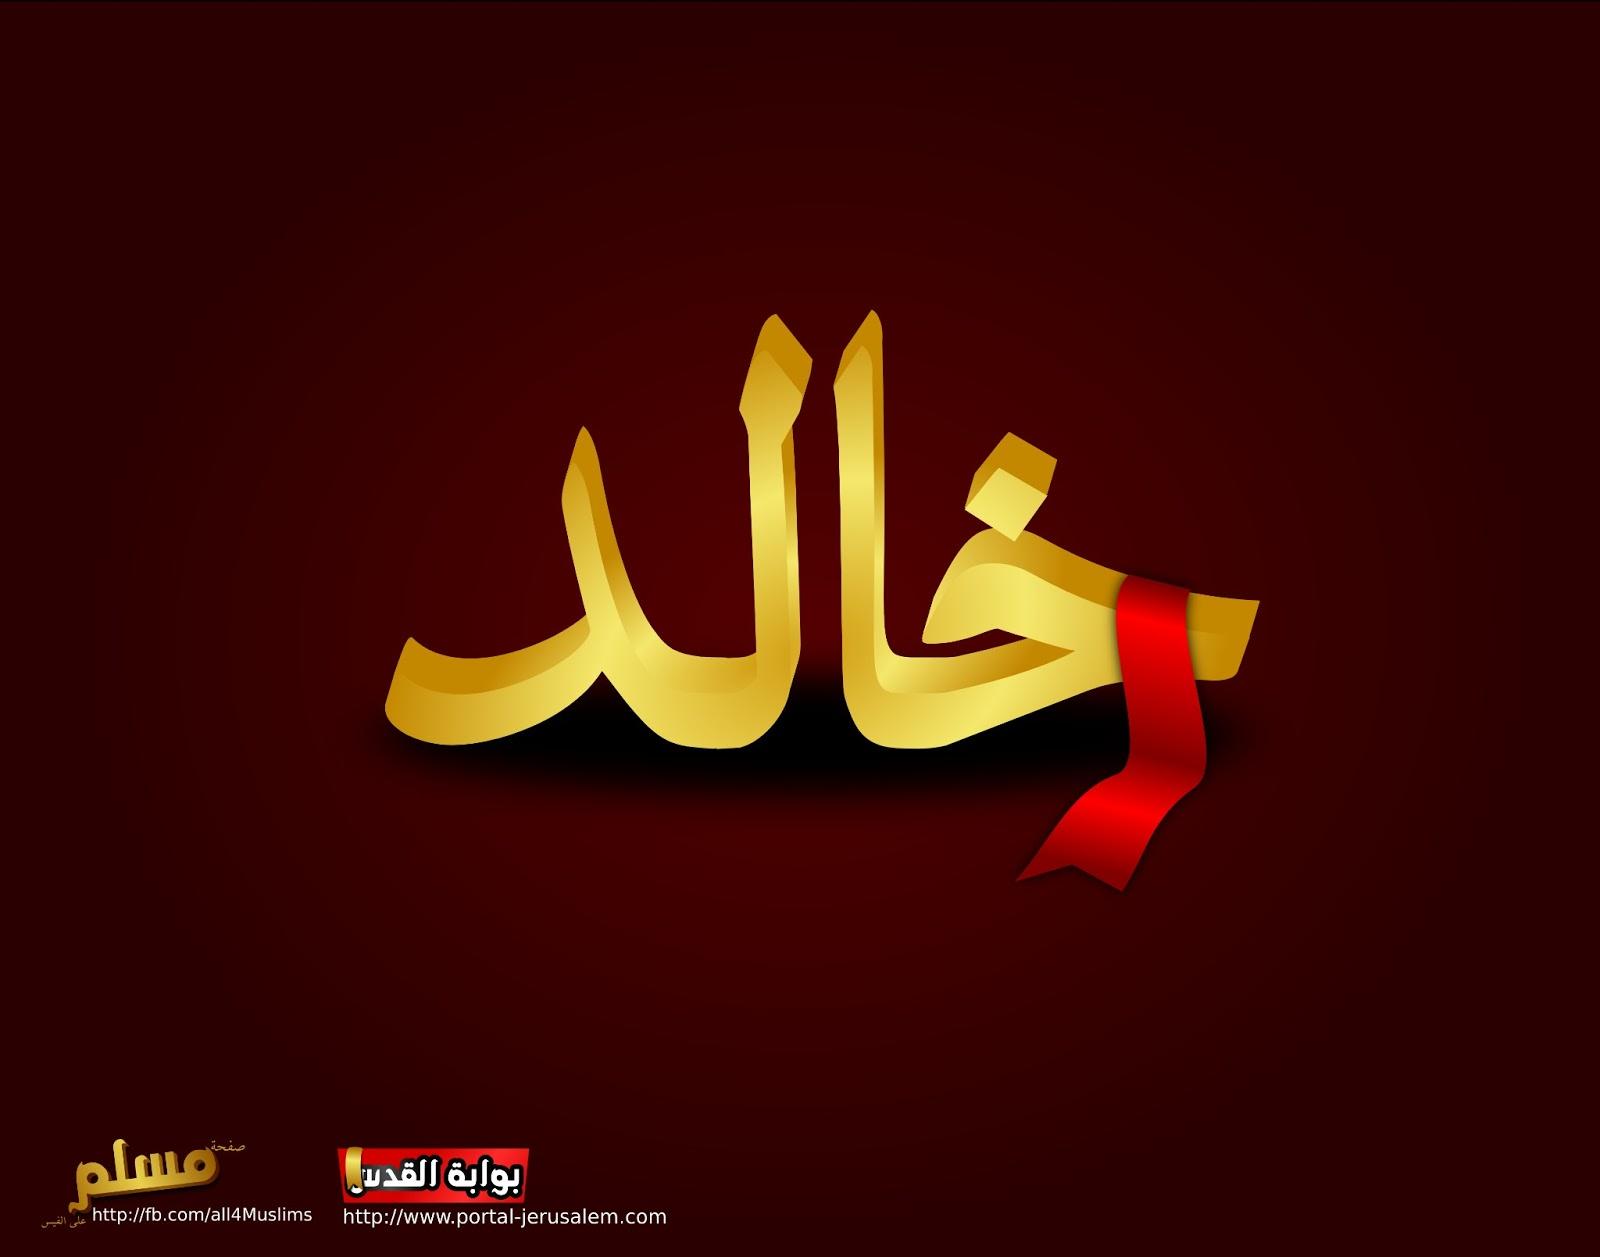 بالصور صور اسم خالد , اروع صور اسم خالد 4823 6